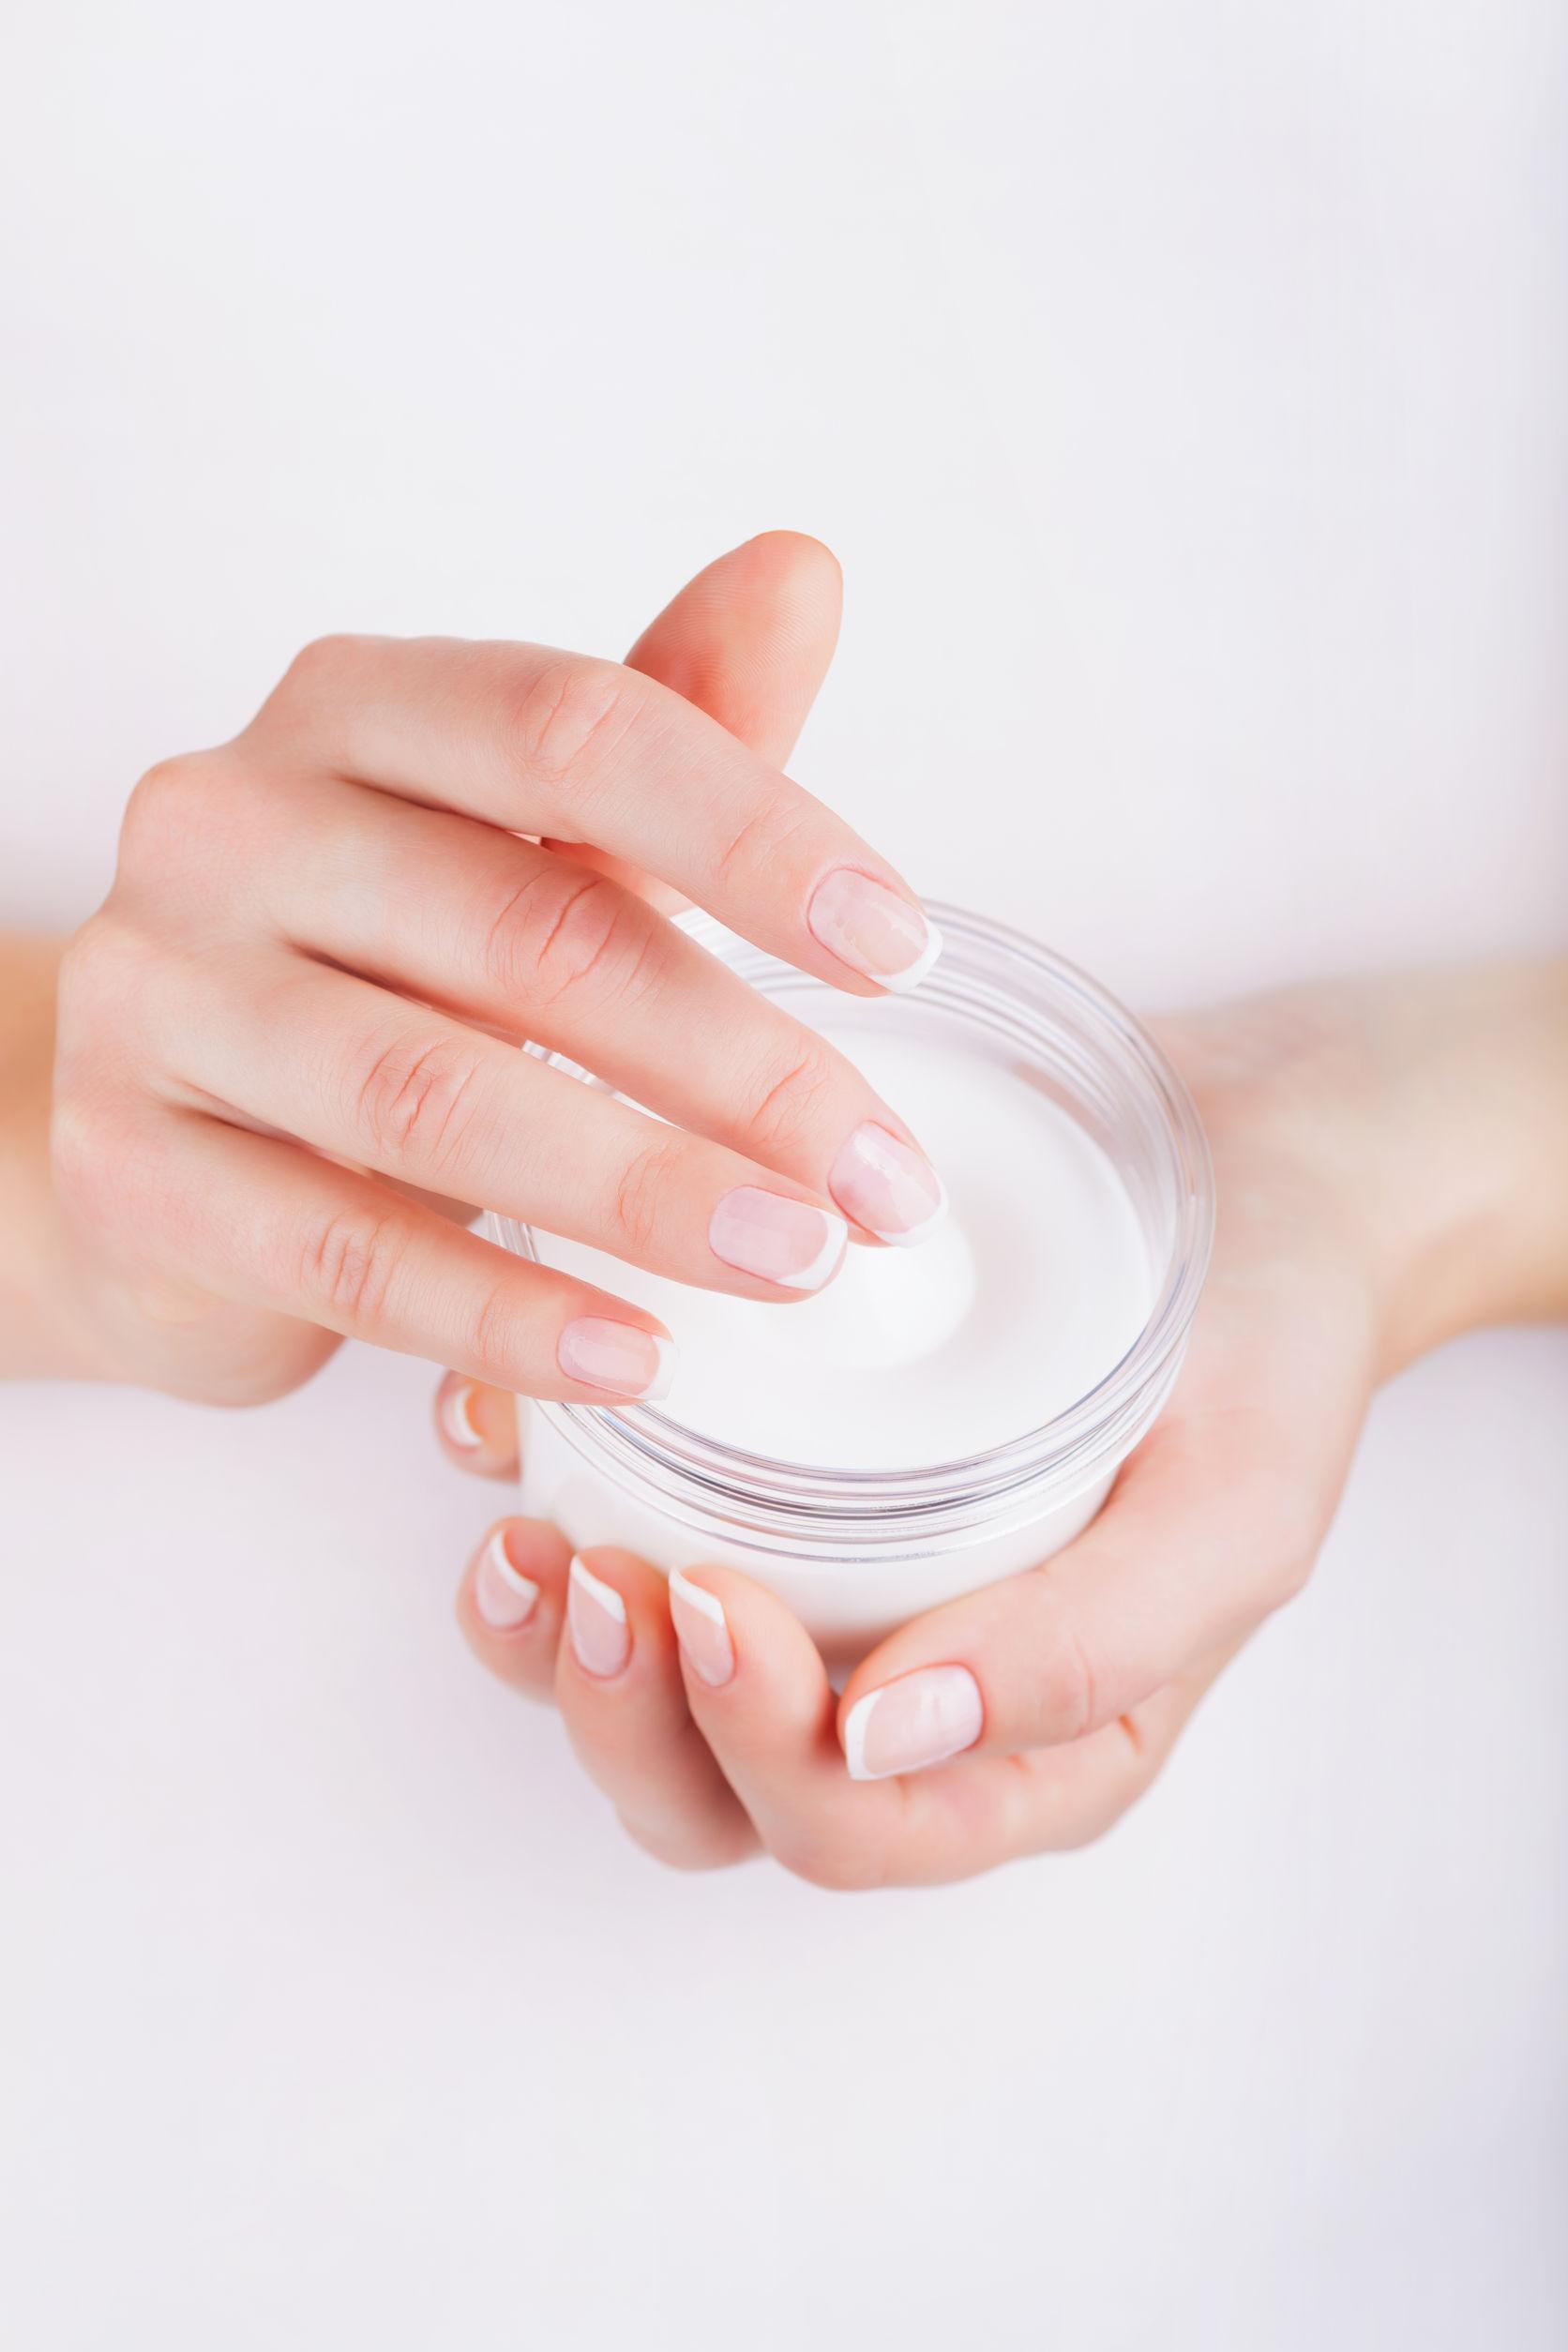 בחרו סבון פנים שמתאים לעור שלכם